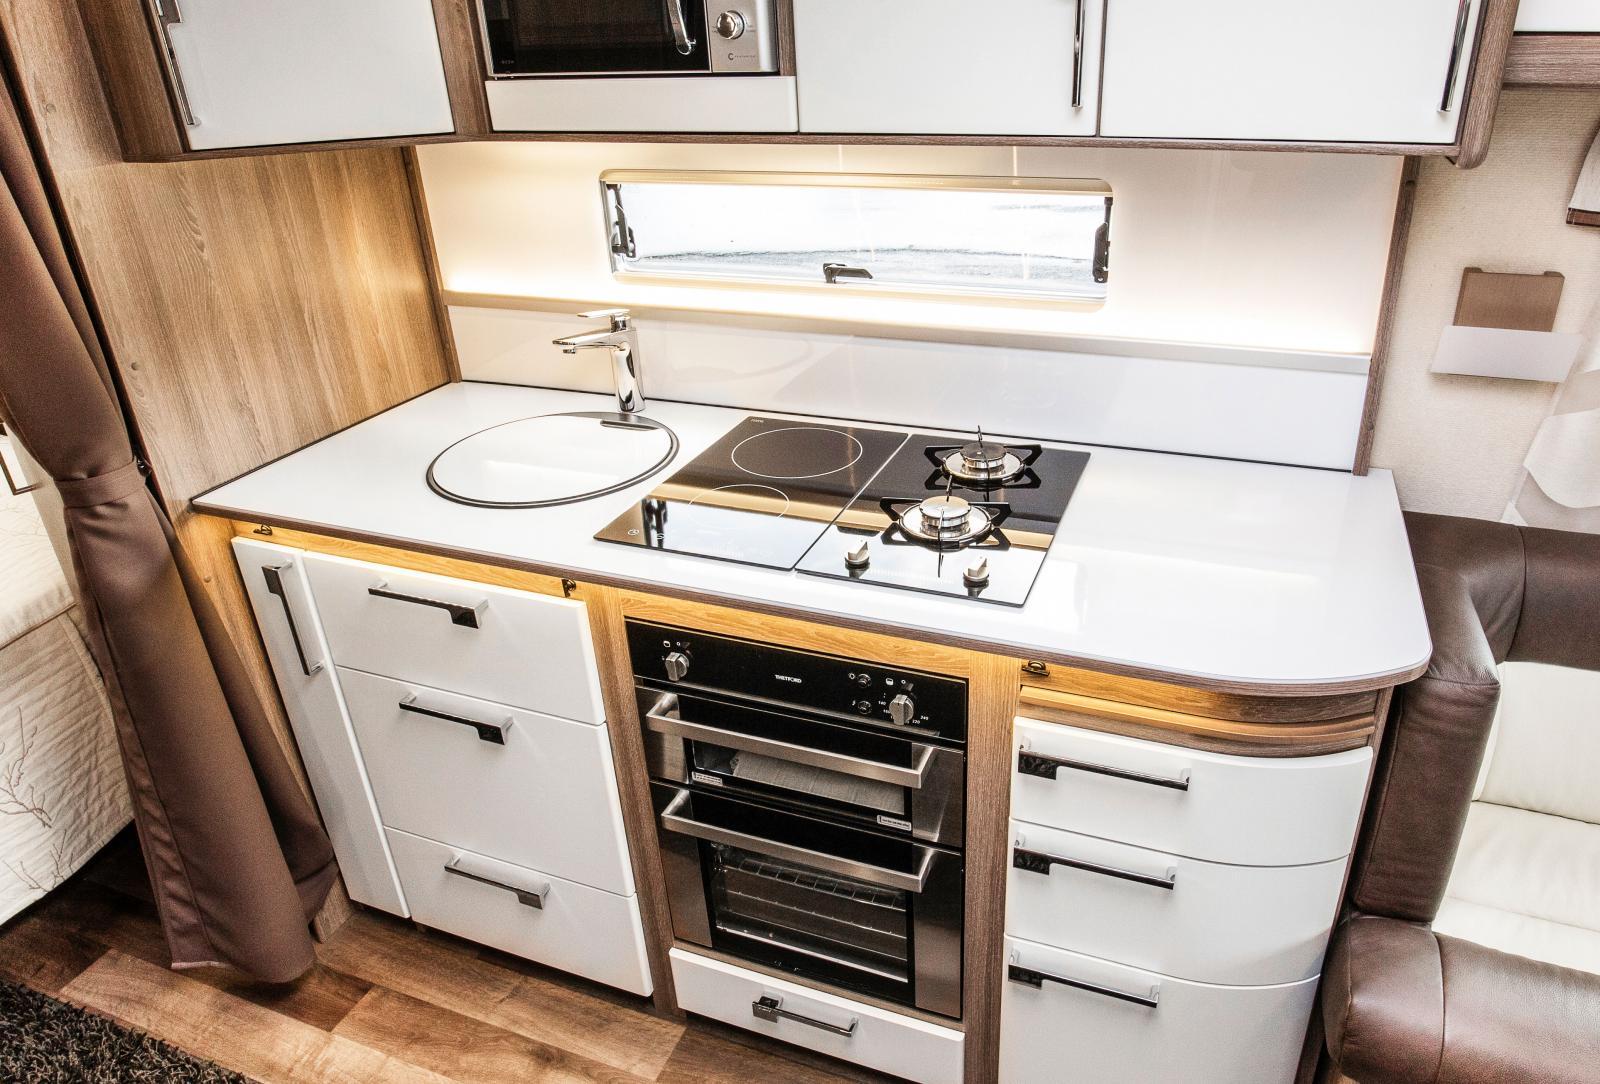 Klasiskt rakt kök är vanligast i husvagnar. Vikten hamnar på hjulaxeln och det är lätt att nå köket från u-soffan fram.